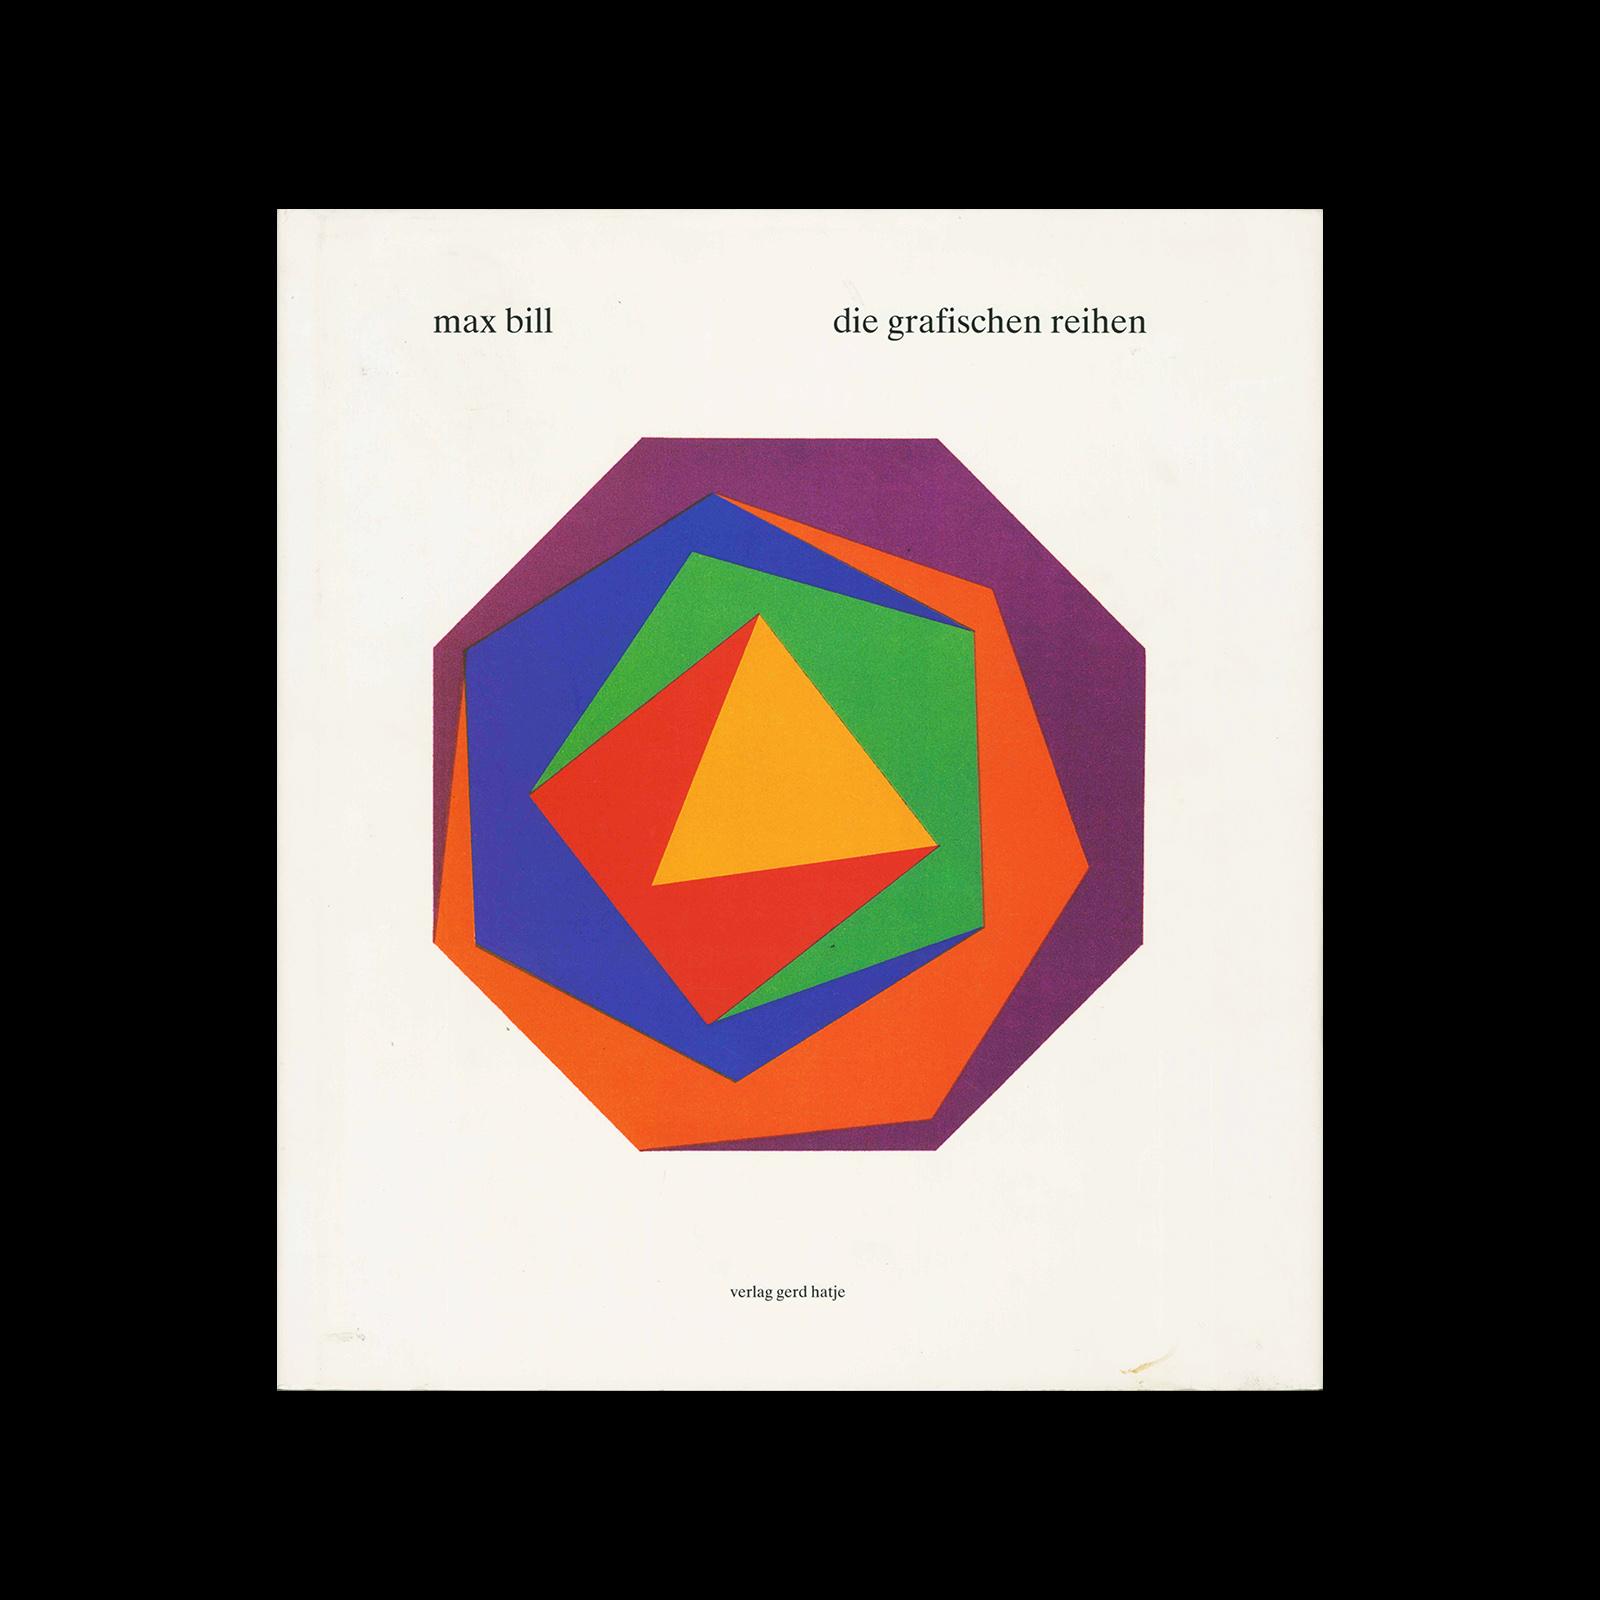 Max Bill, die grafischen Reihen, 1995